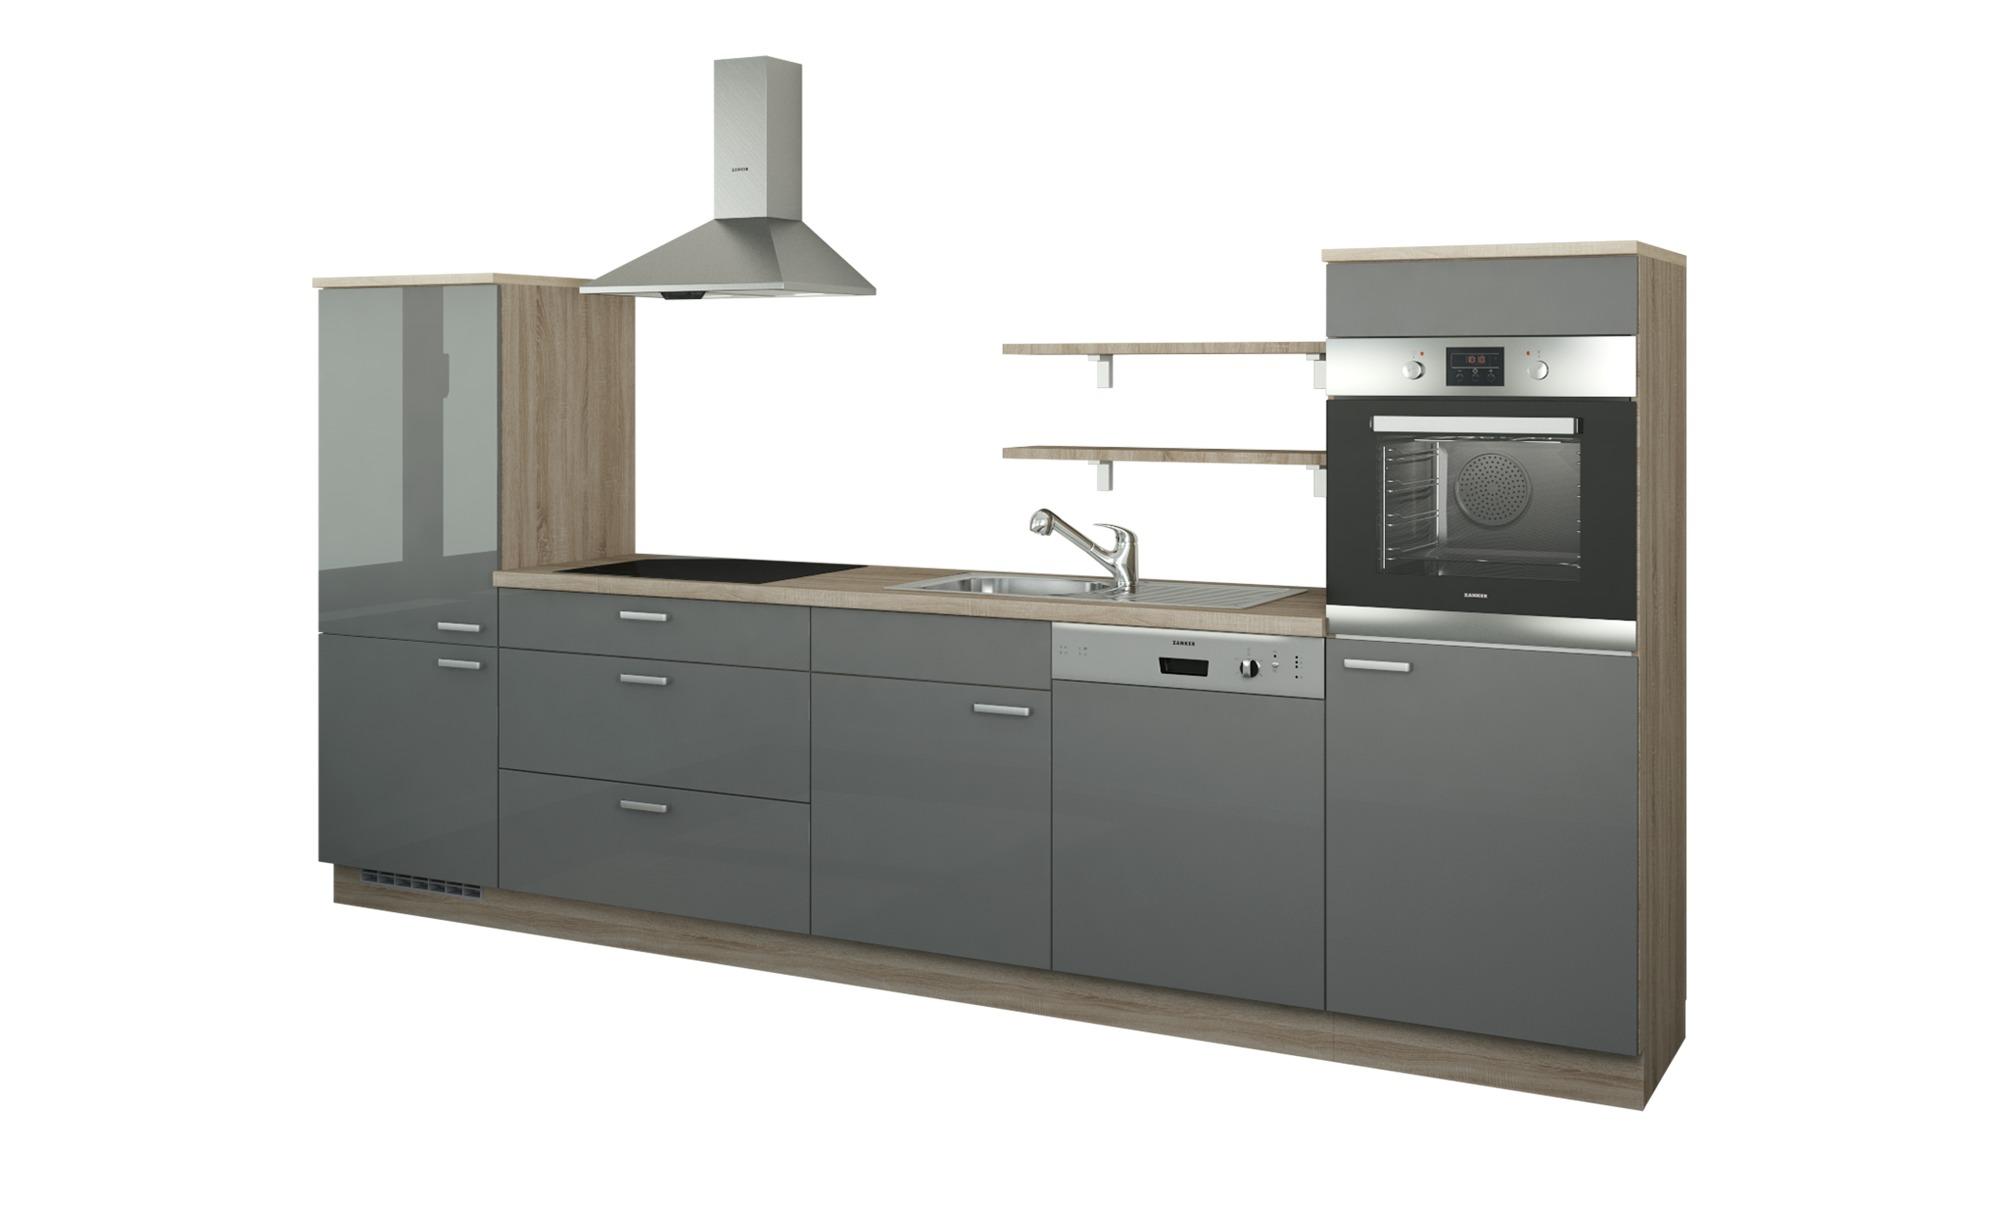 Küchenzeile Ohne Elektrogeräte Kassel Anthrazit Bergeiche